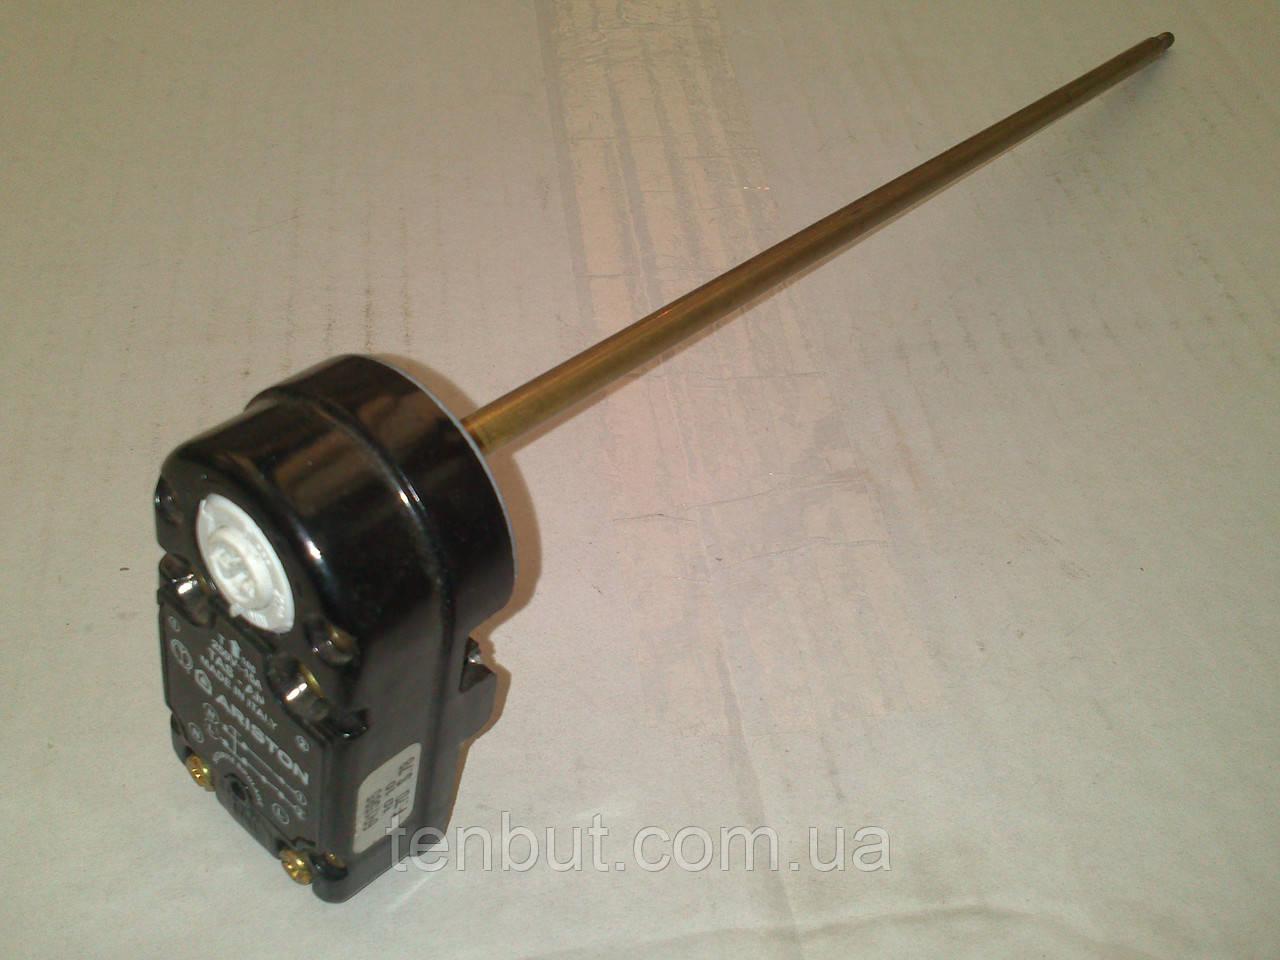 Терморегулятор для бойлера Ariston 15 А / 220 В. производство Италия THERMOWATT